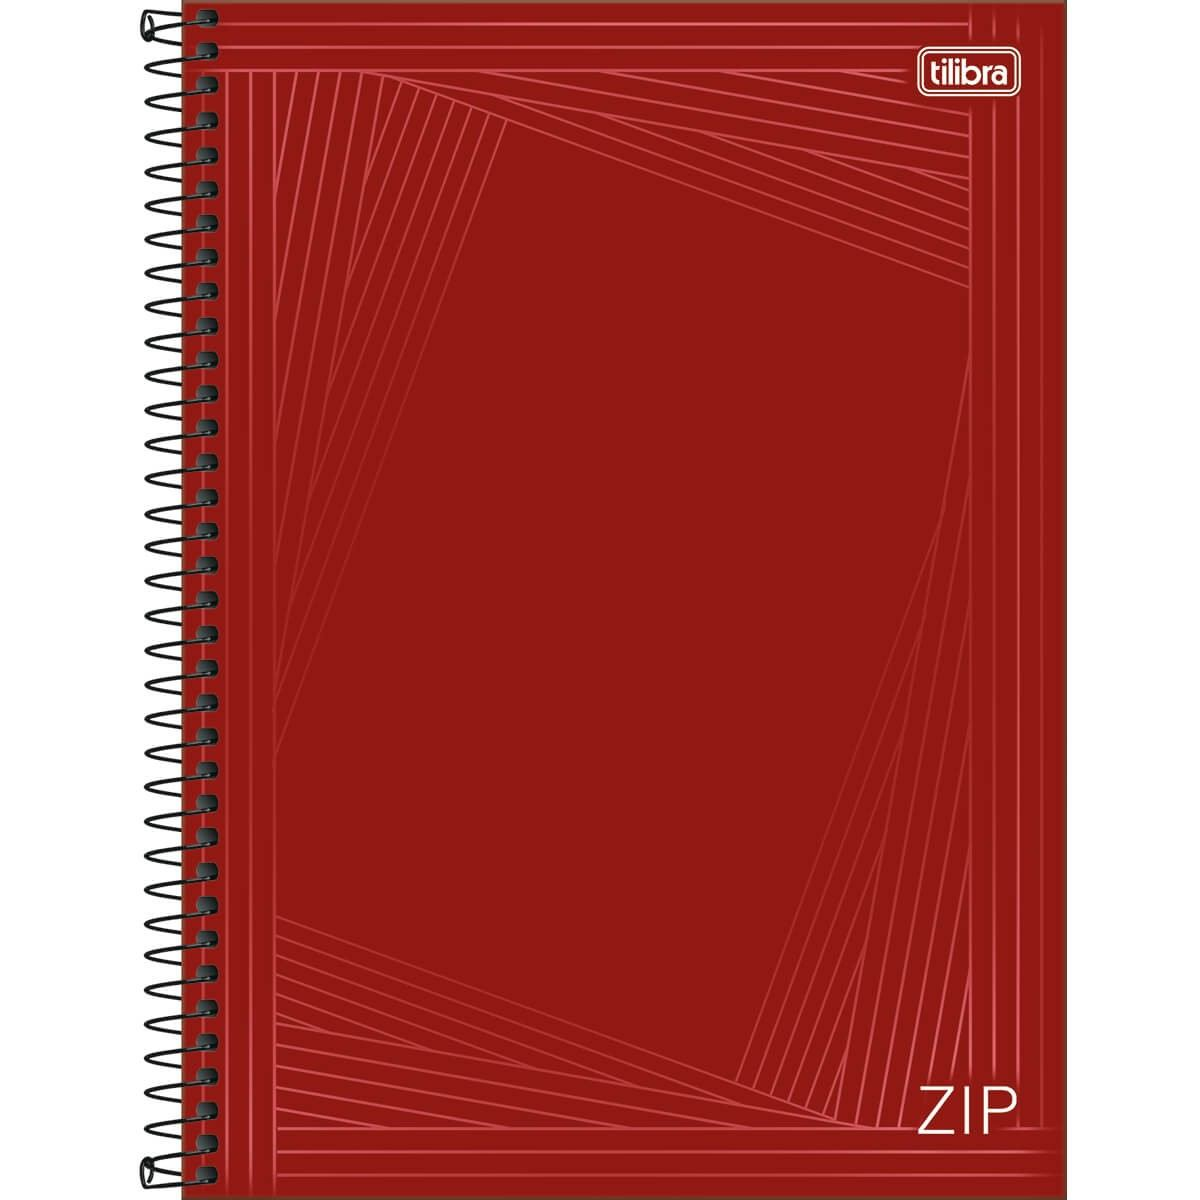 Caderno Espiral Capa Dura Universitário 10 Matérias Zip 160 Fls - Tilibra